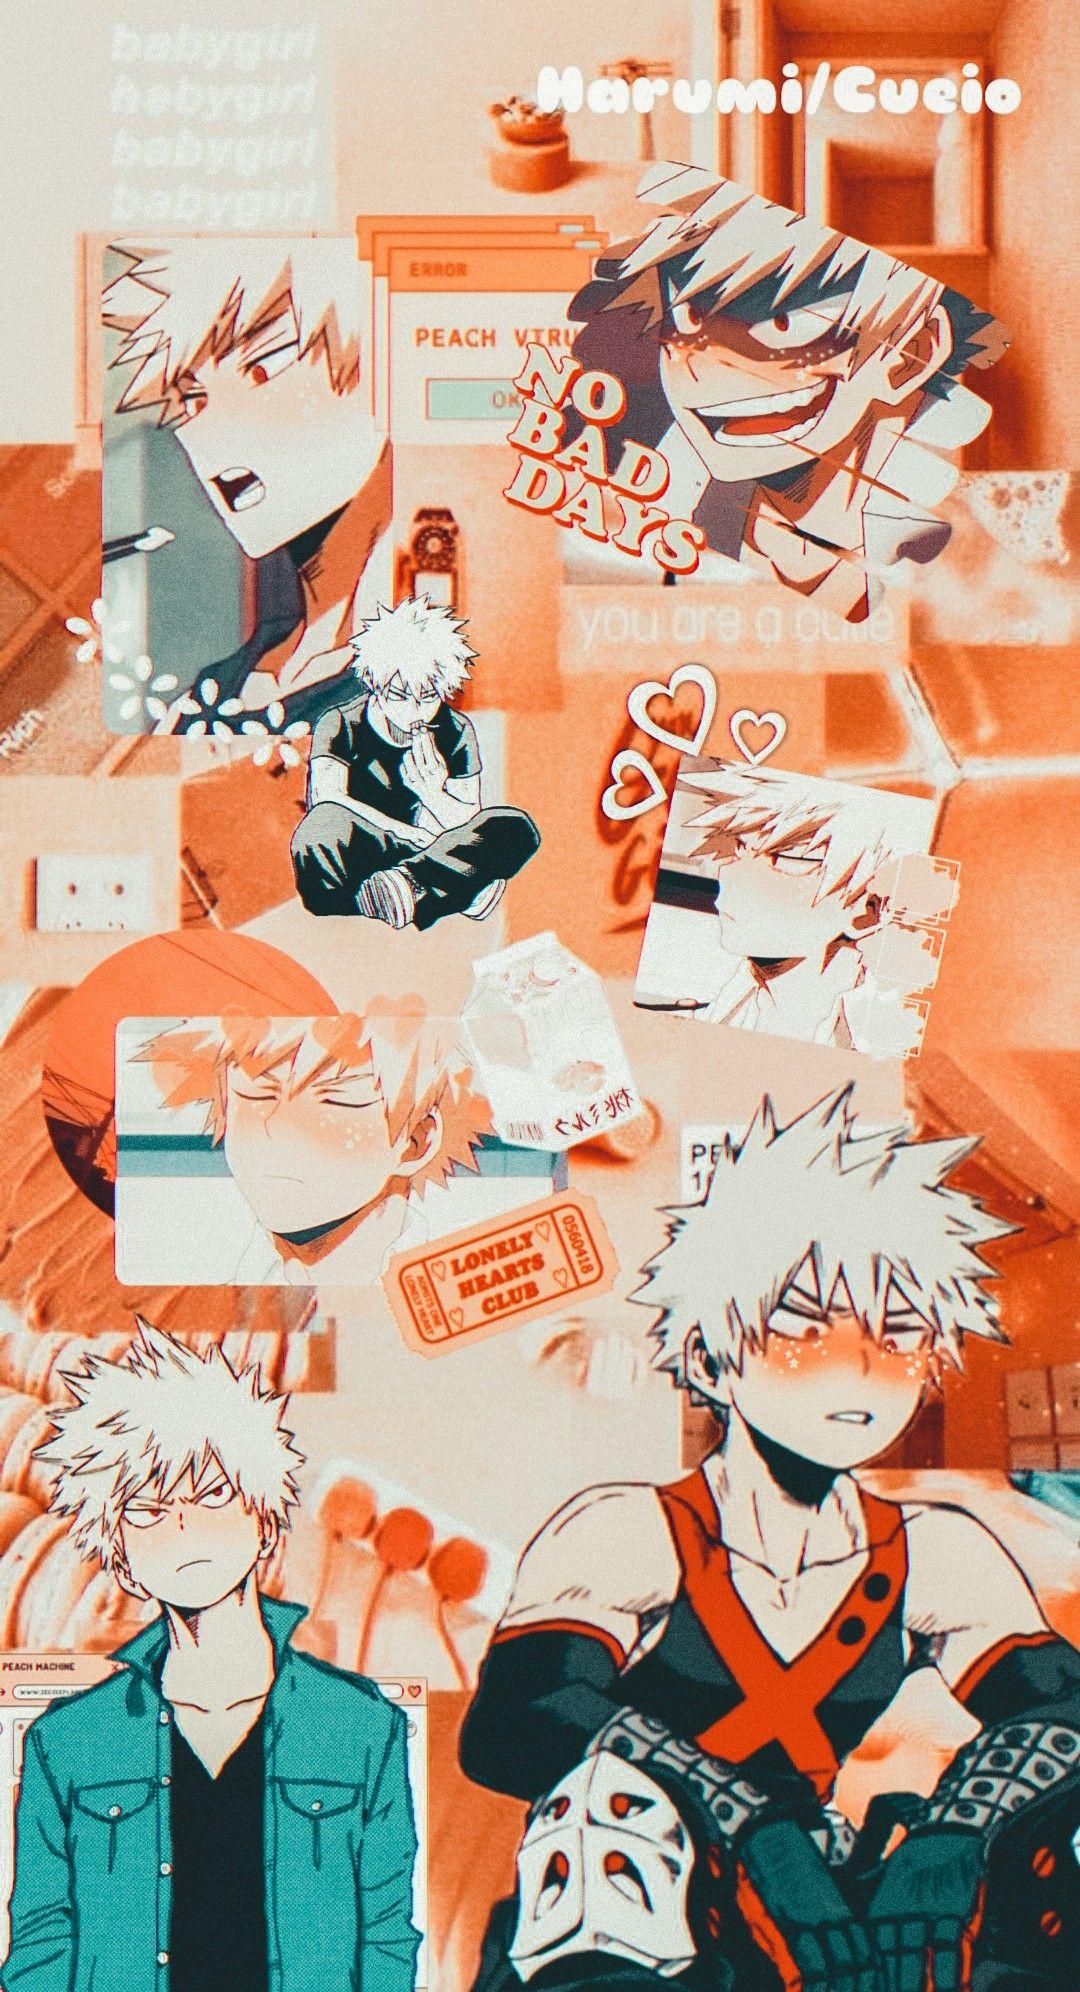 Bakugou Katsuki Wallpaper [Boku No Hero] Aesthetic